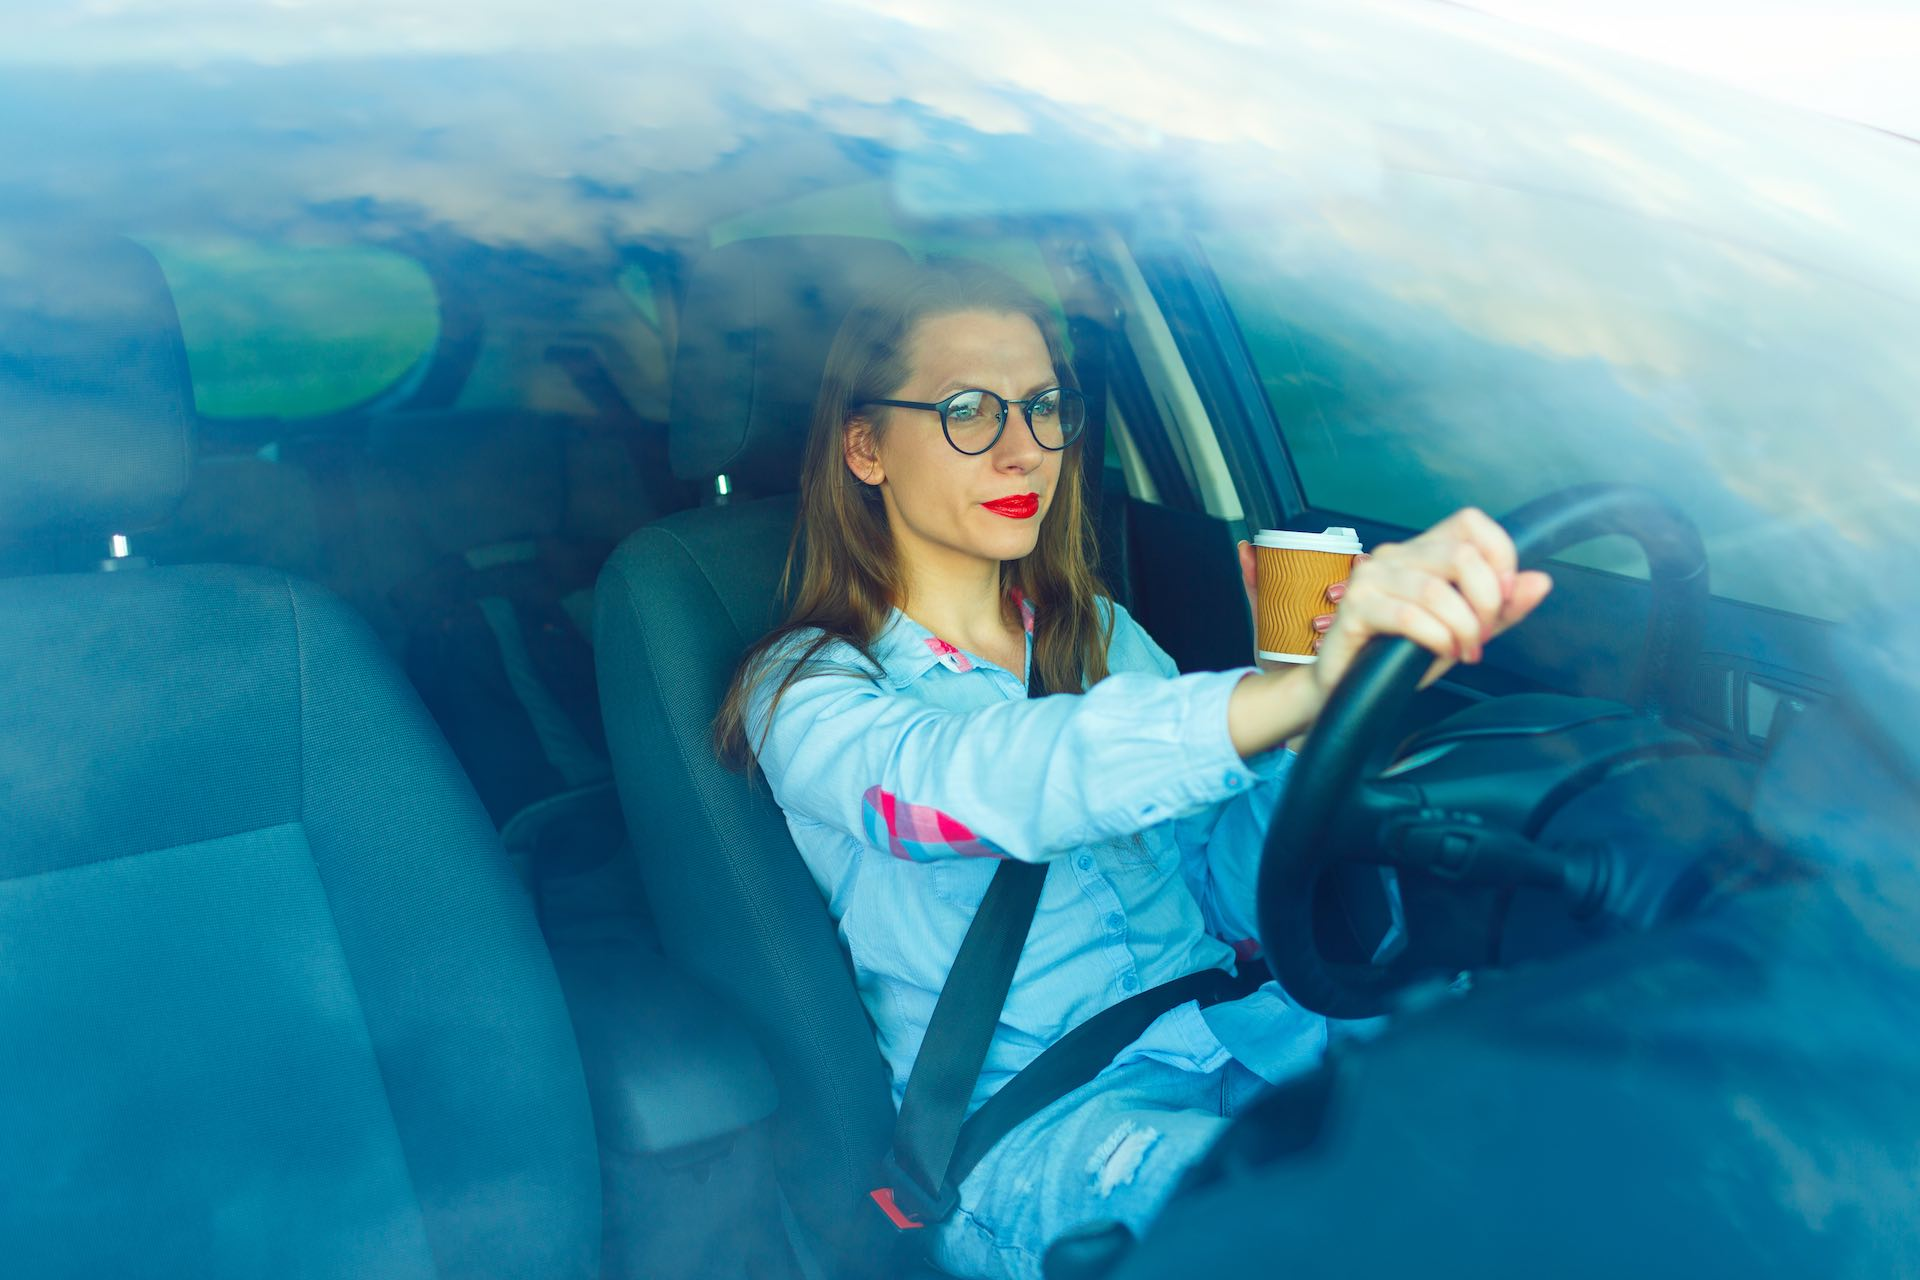 Por qué debo de usar cristales anti-reflectantes cuando conducimos